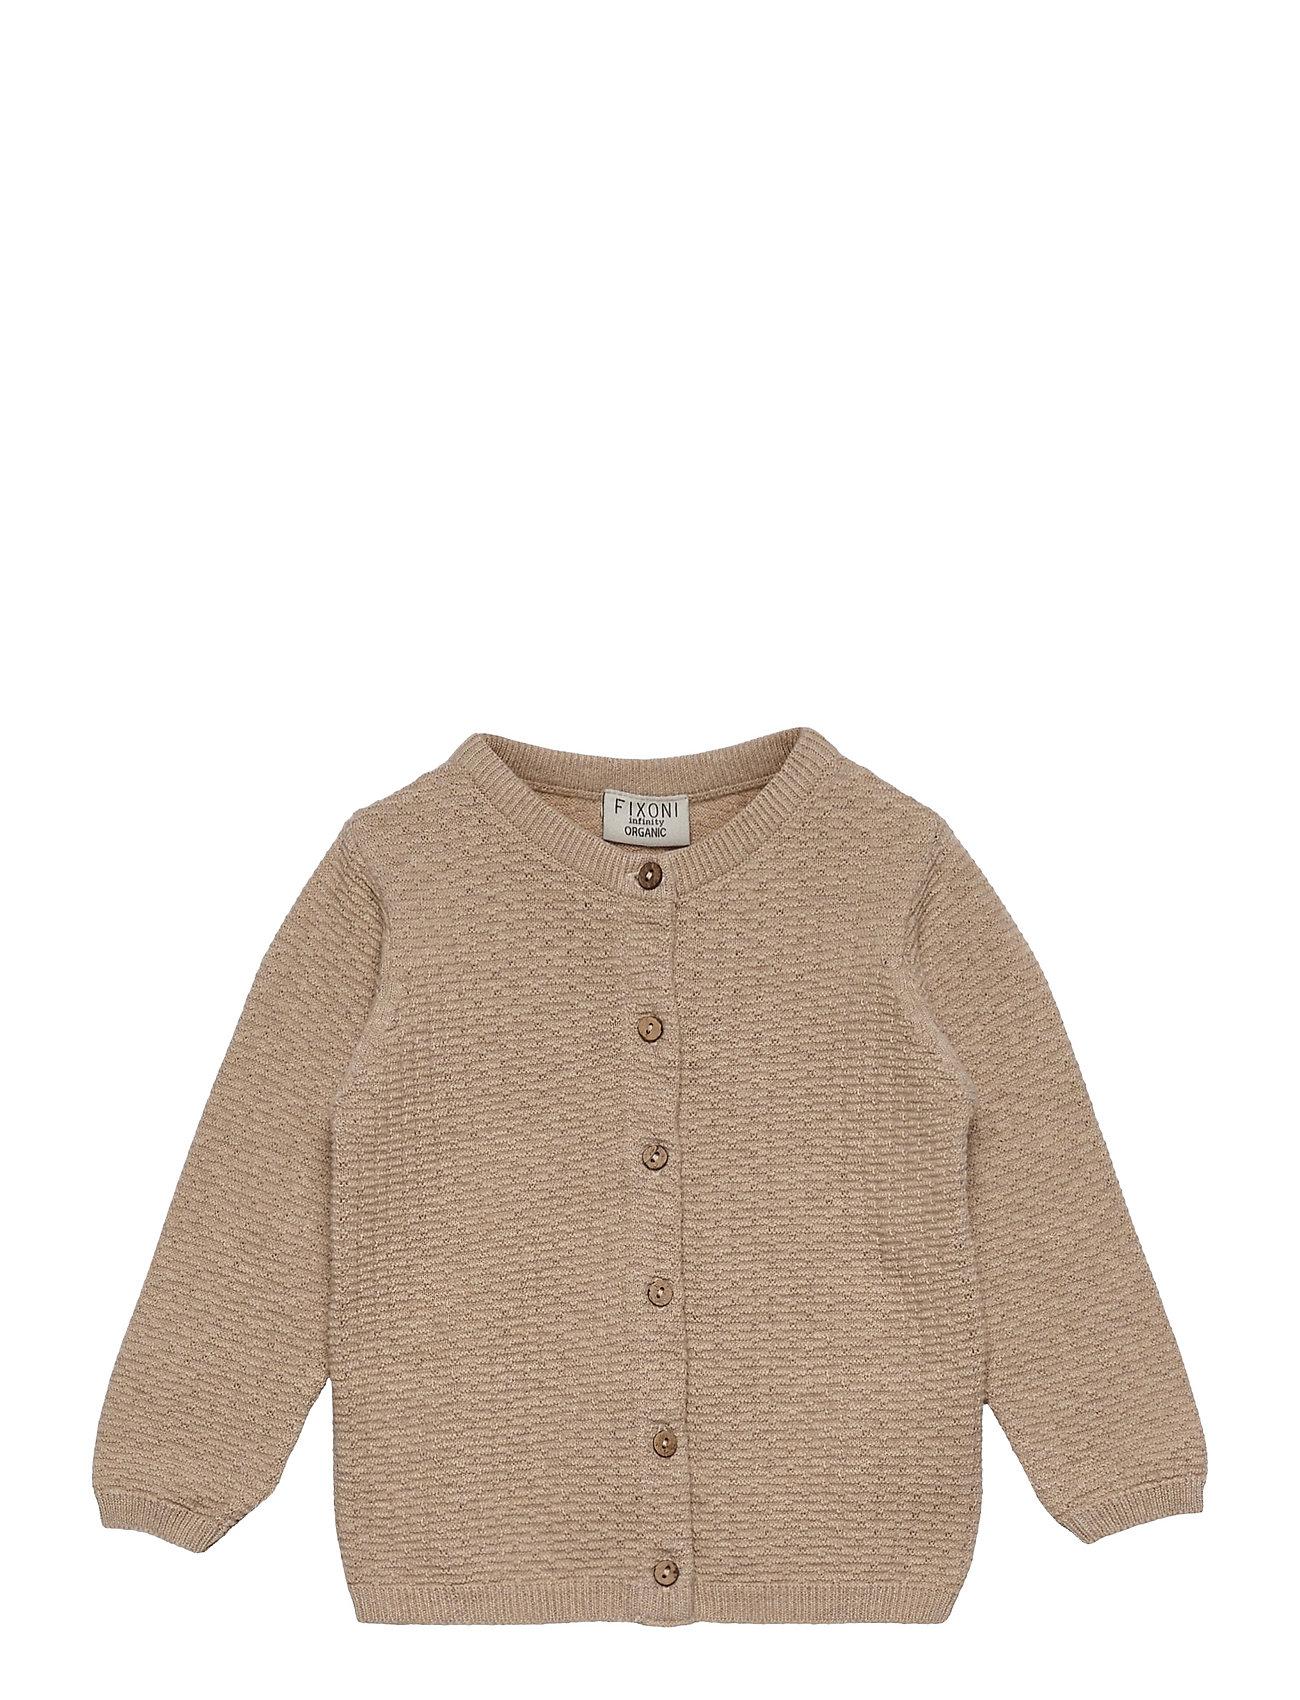 Knitted Cardigan Strikket Trøje Cardigan Beige Fixoni